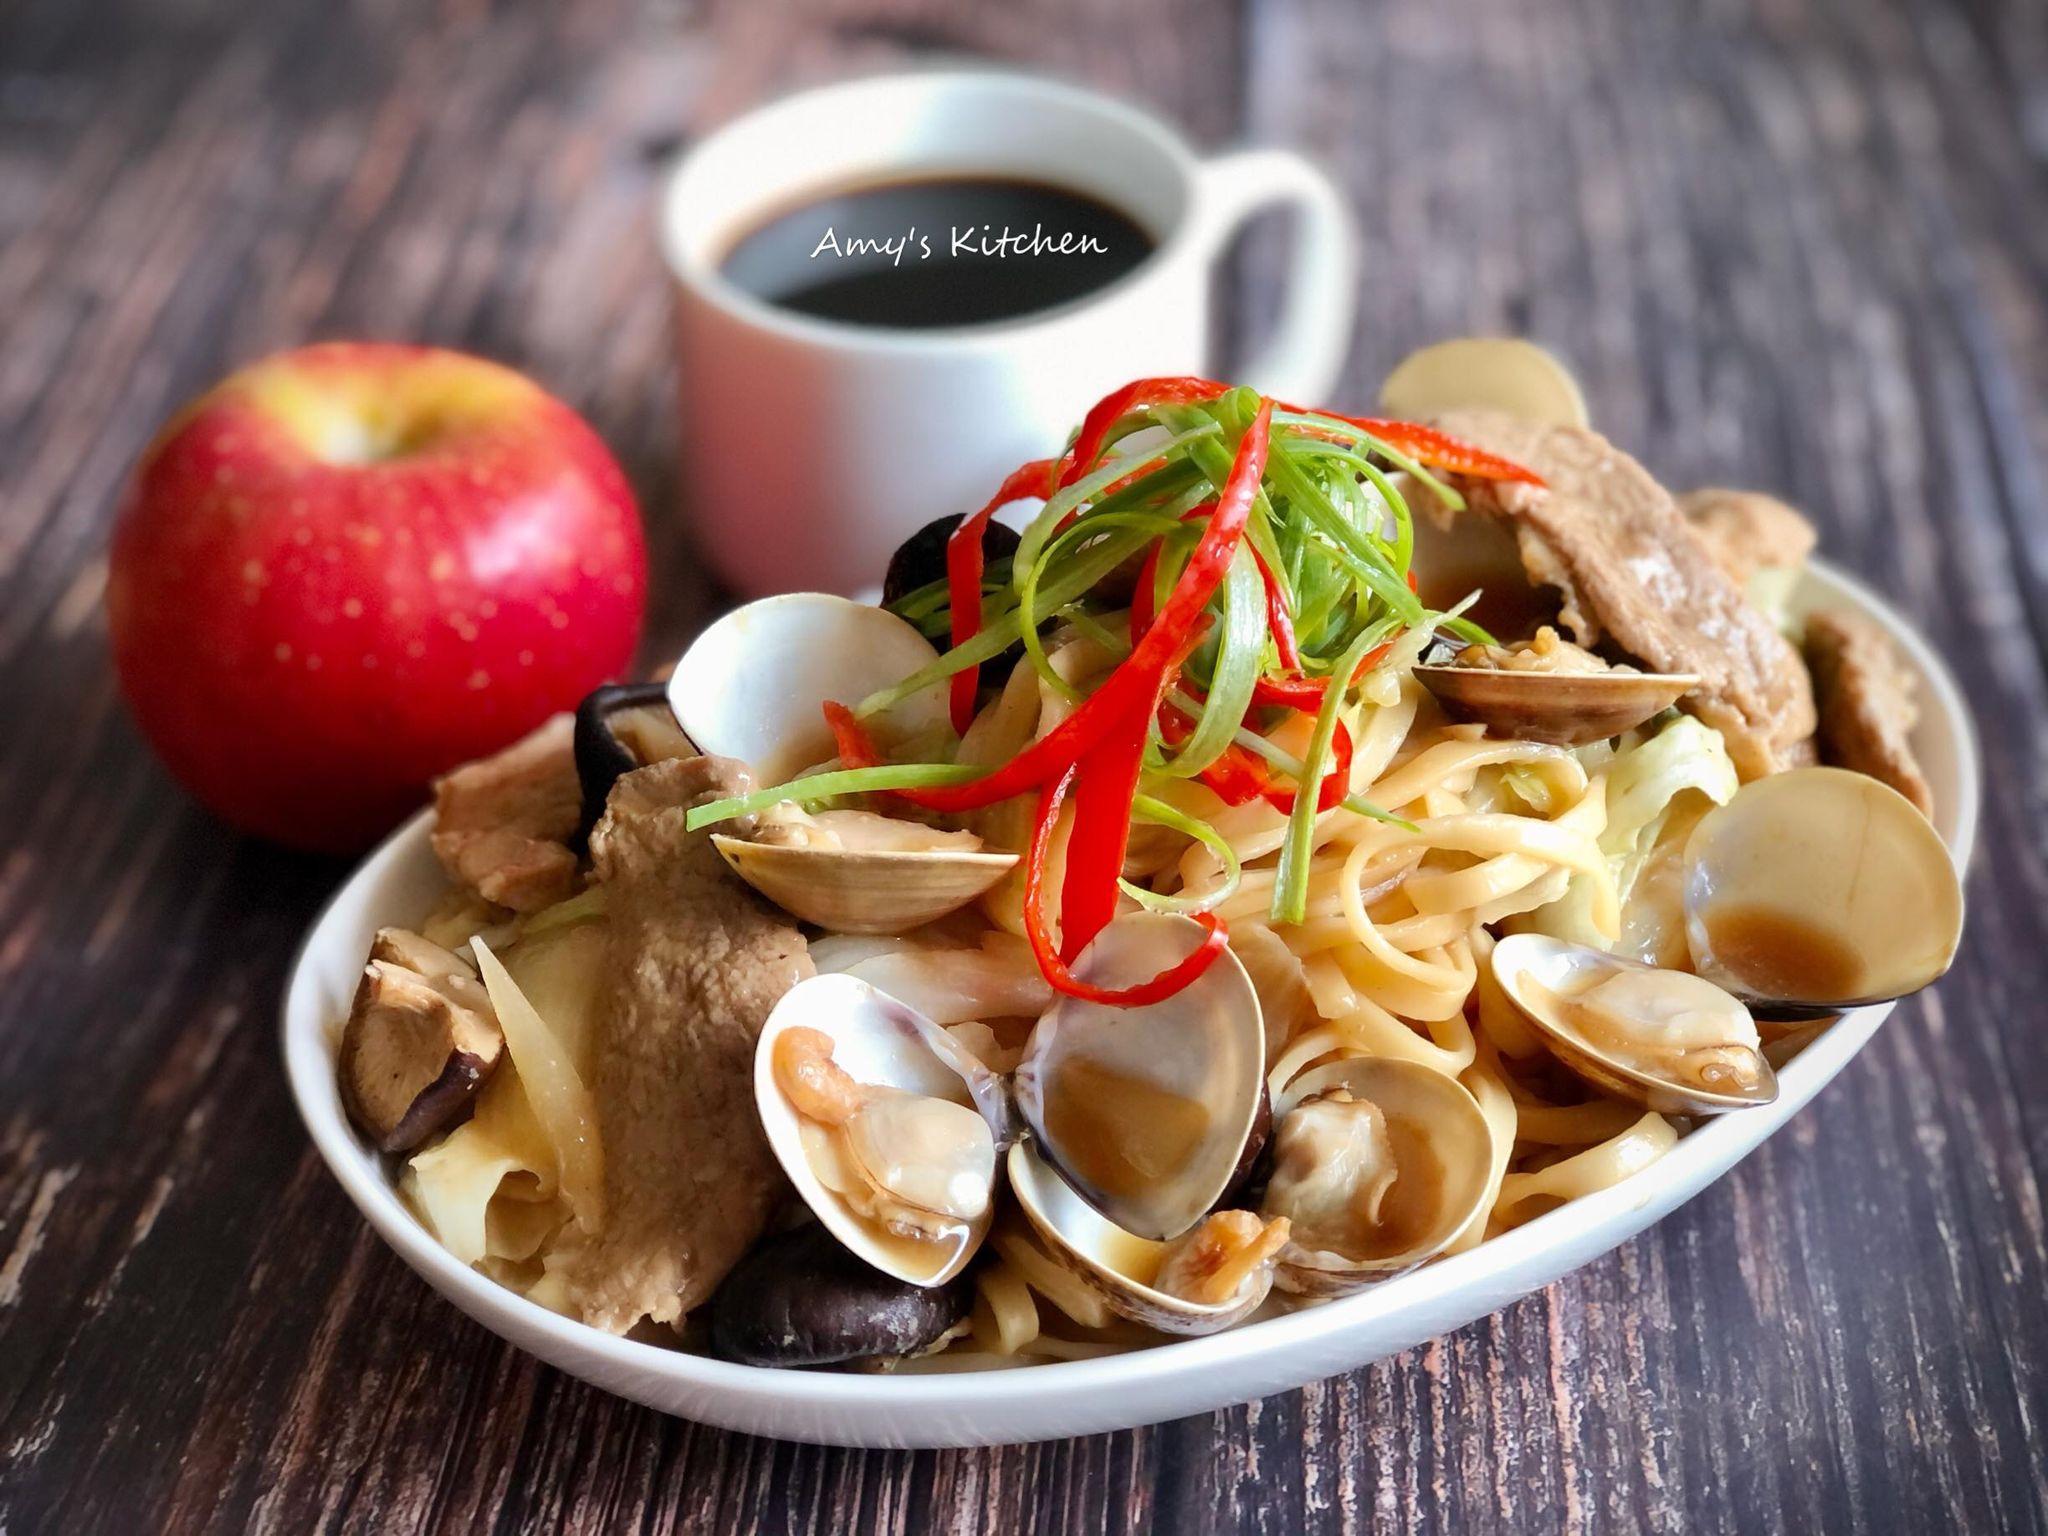 家常菜-什錦炒麵 (清冰箱)